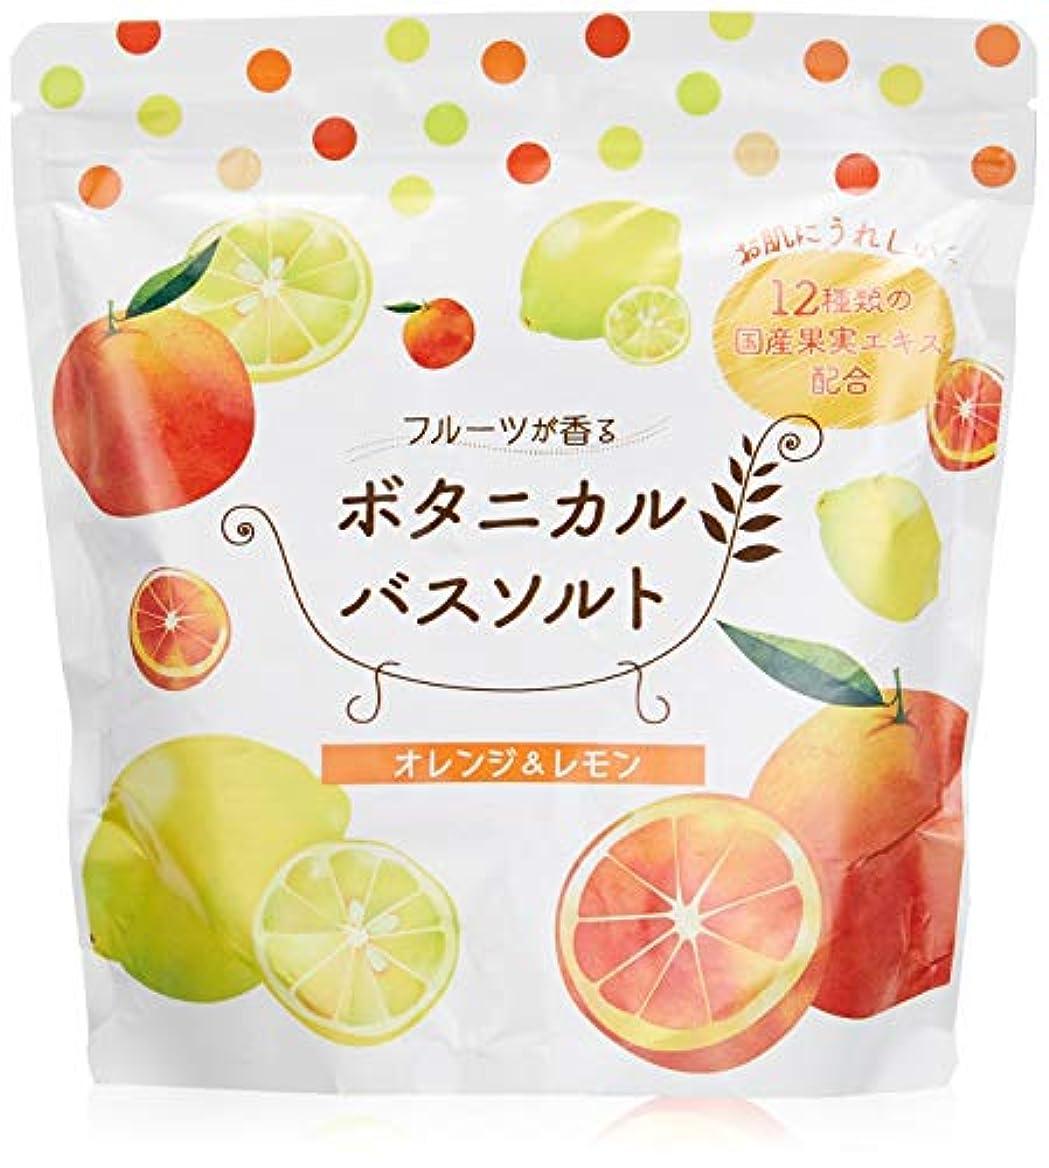 機関免疫するイブニング松田医薬品 フルーツが香るボタニカルバスソルト 入浴剤 オレンジ レモン 450g